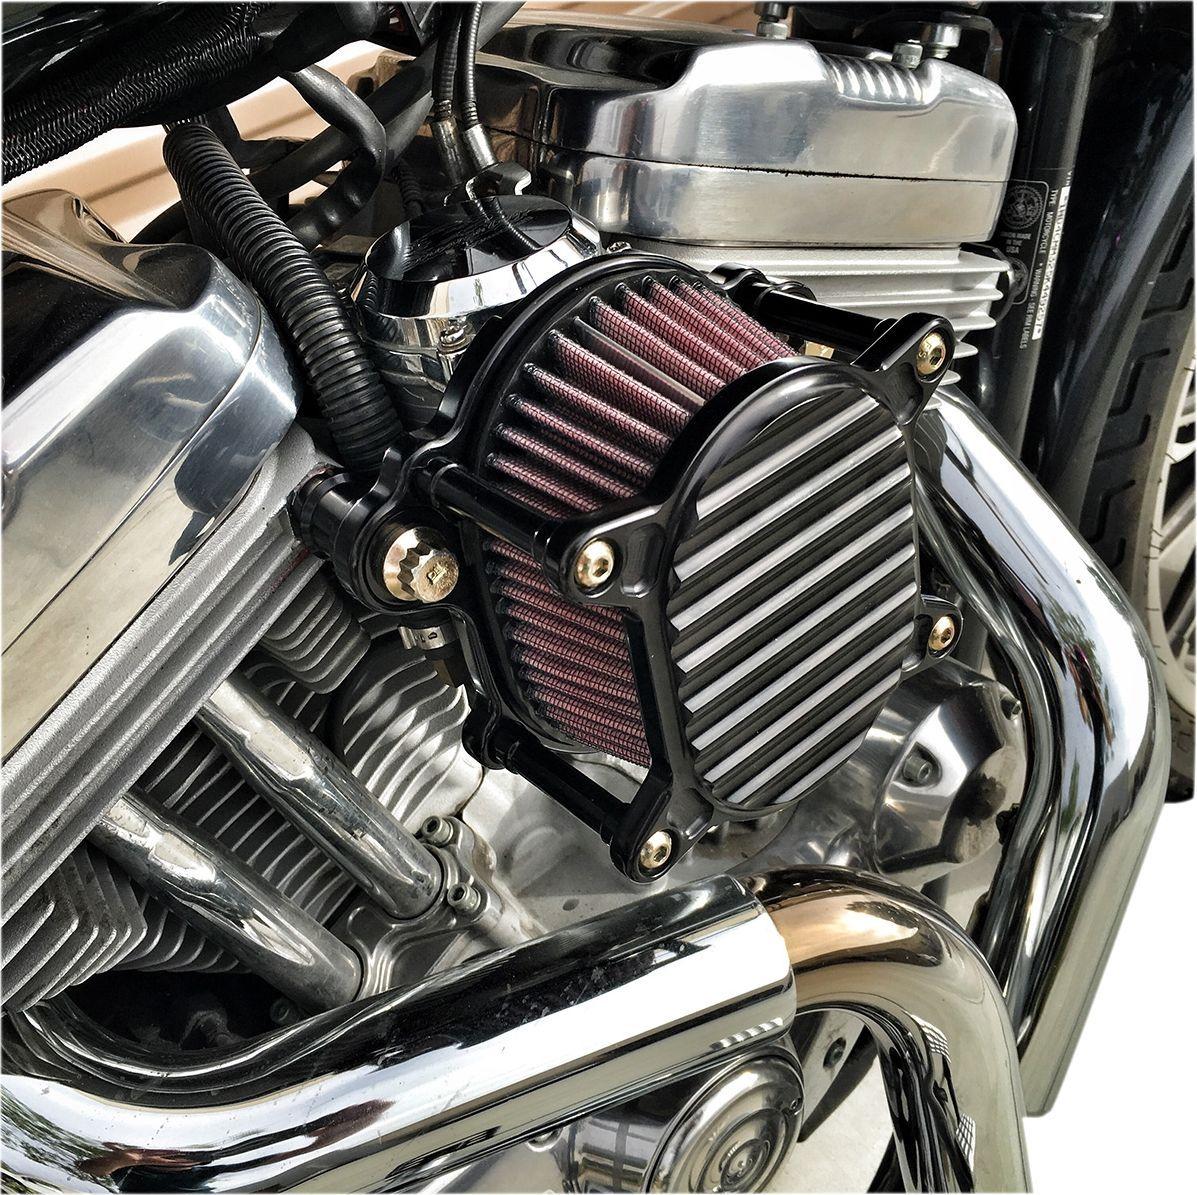 【JOKER MACHINE】空氣濾清器 OMEGA XLEFI 黑色鰭片式/銀色【A/C OMEGA XLEFI FIN BL/SL [1001-0050]】 - 「Webike-摩托百貨」